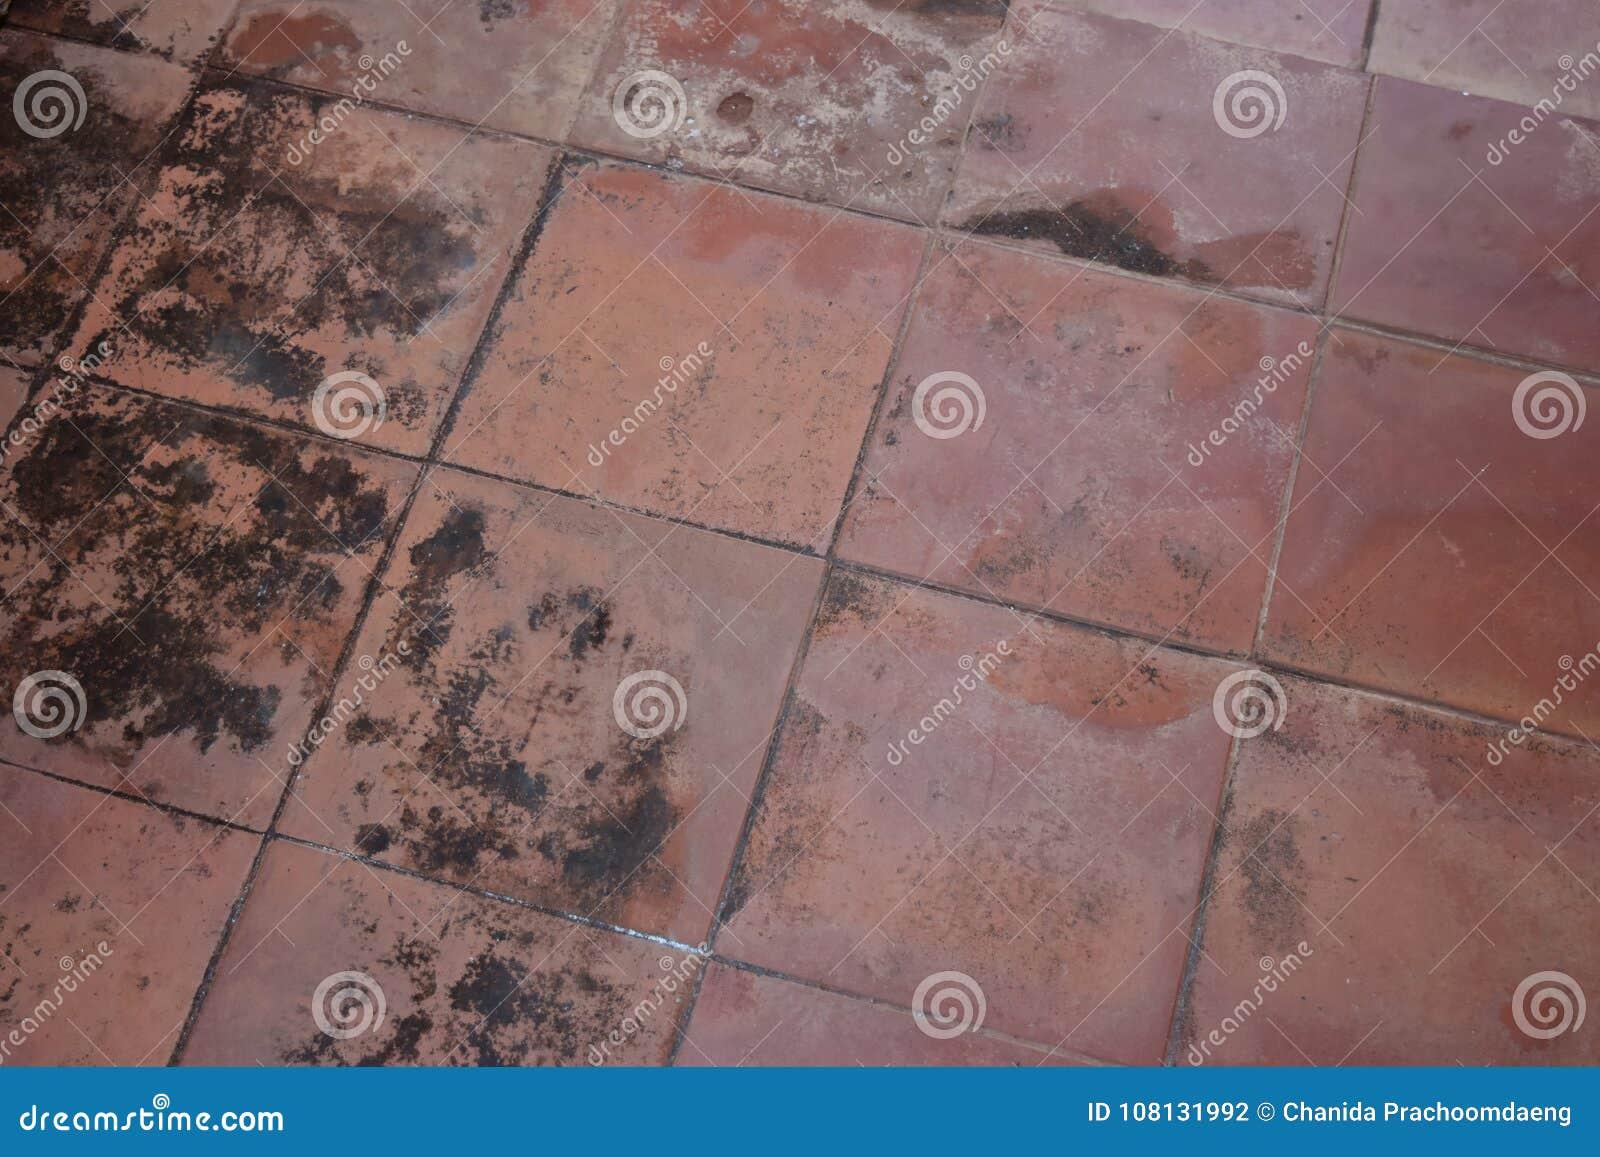 Hongo en suelo de baldosas fuera del edificio